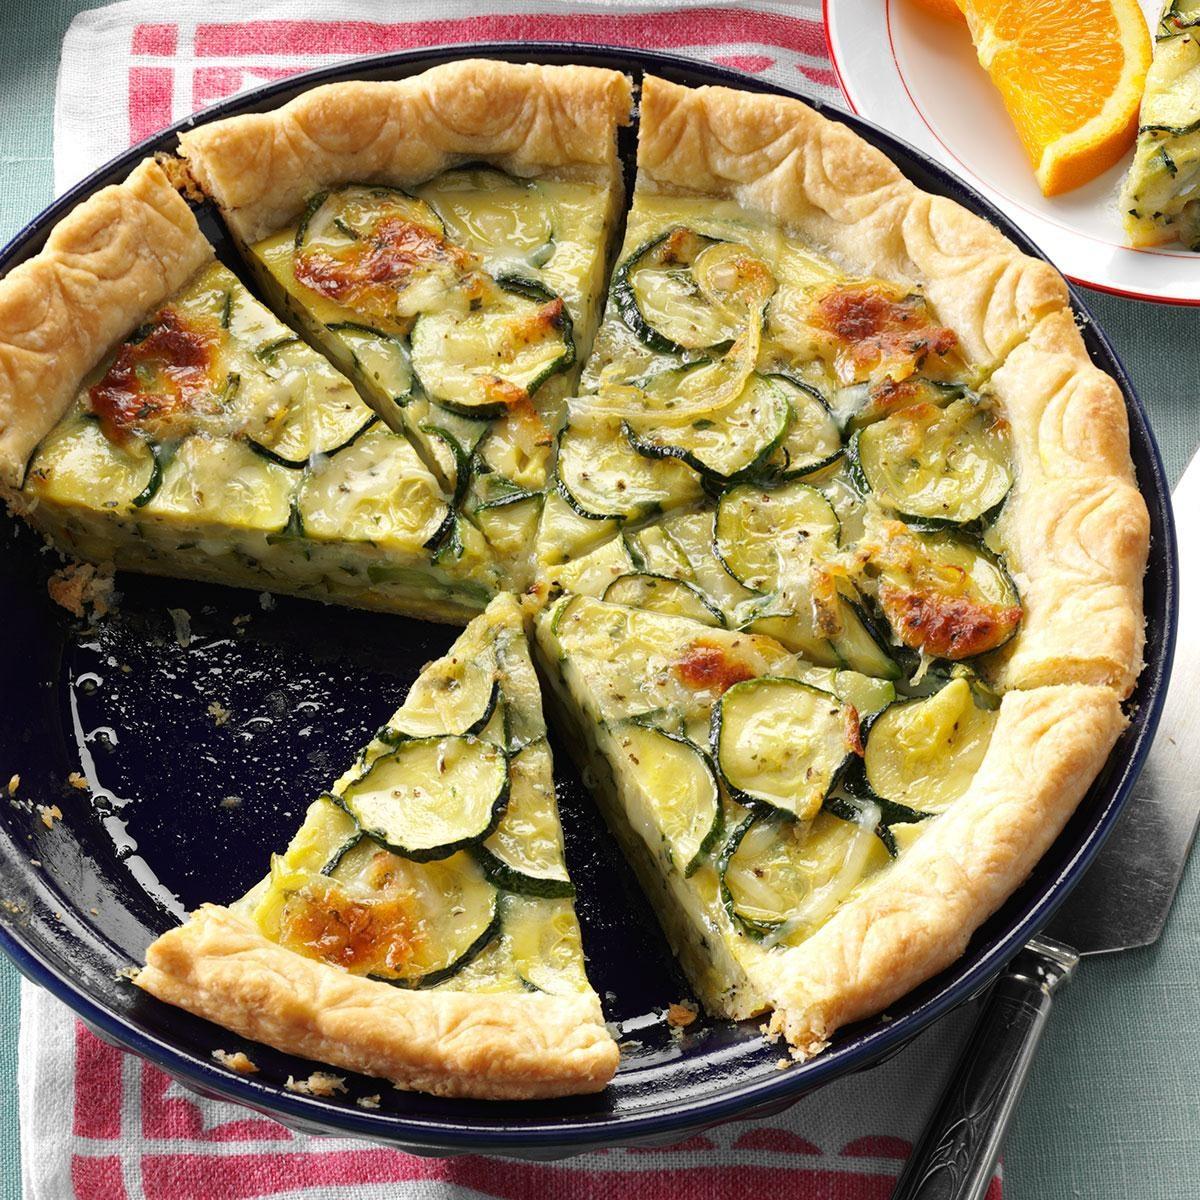 Cheesy Zucchini Quiche Recipe Taste of Home